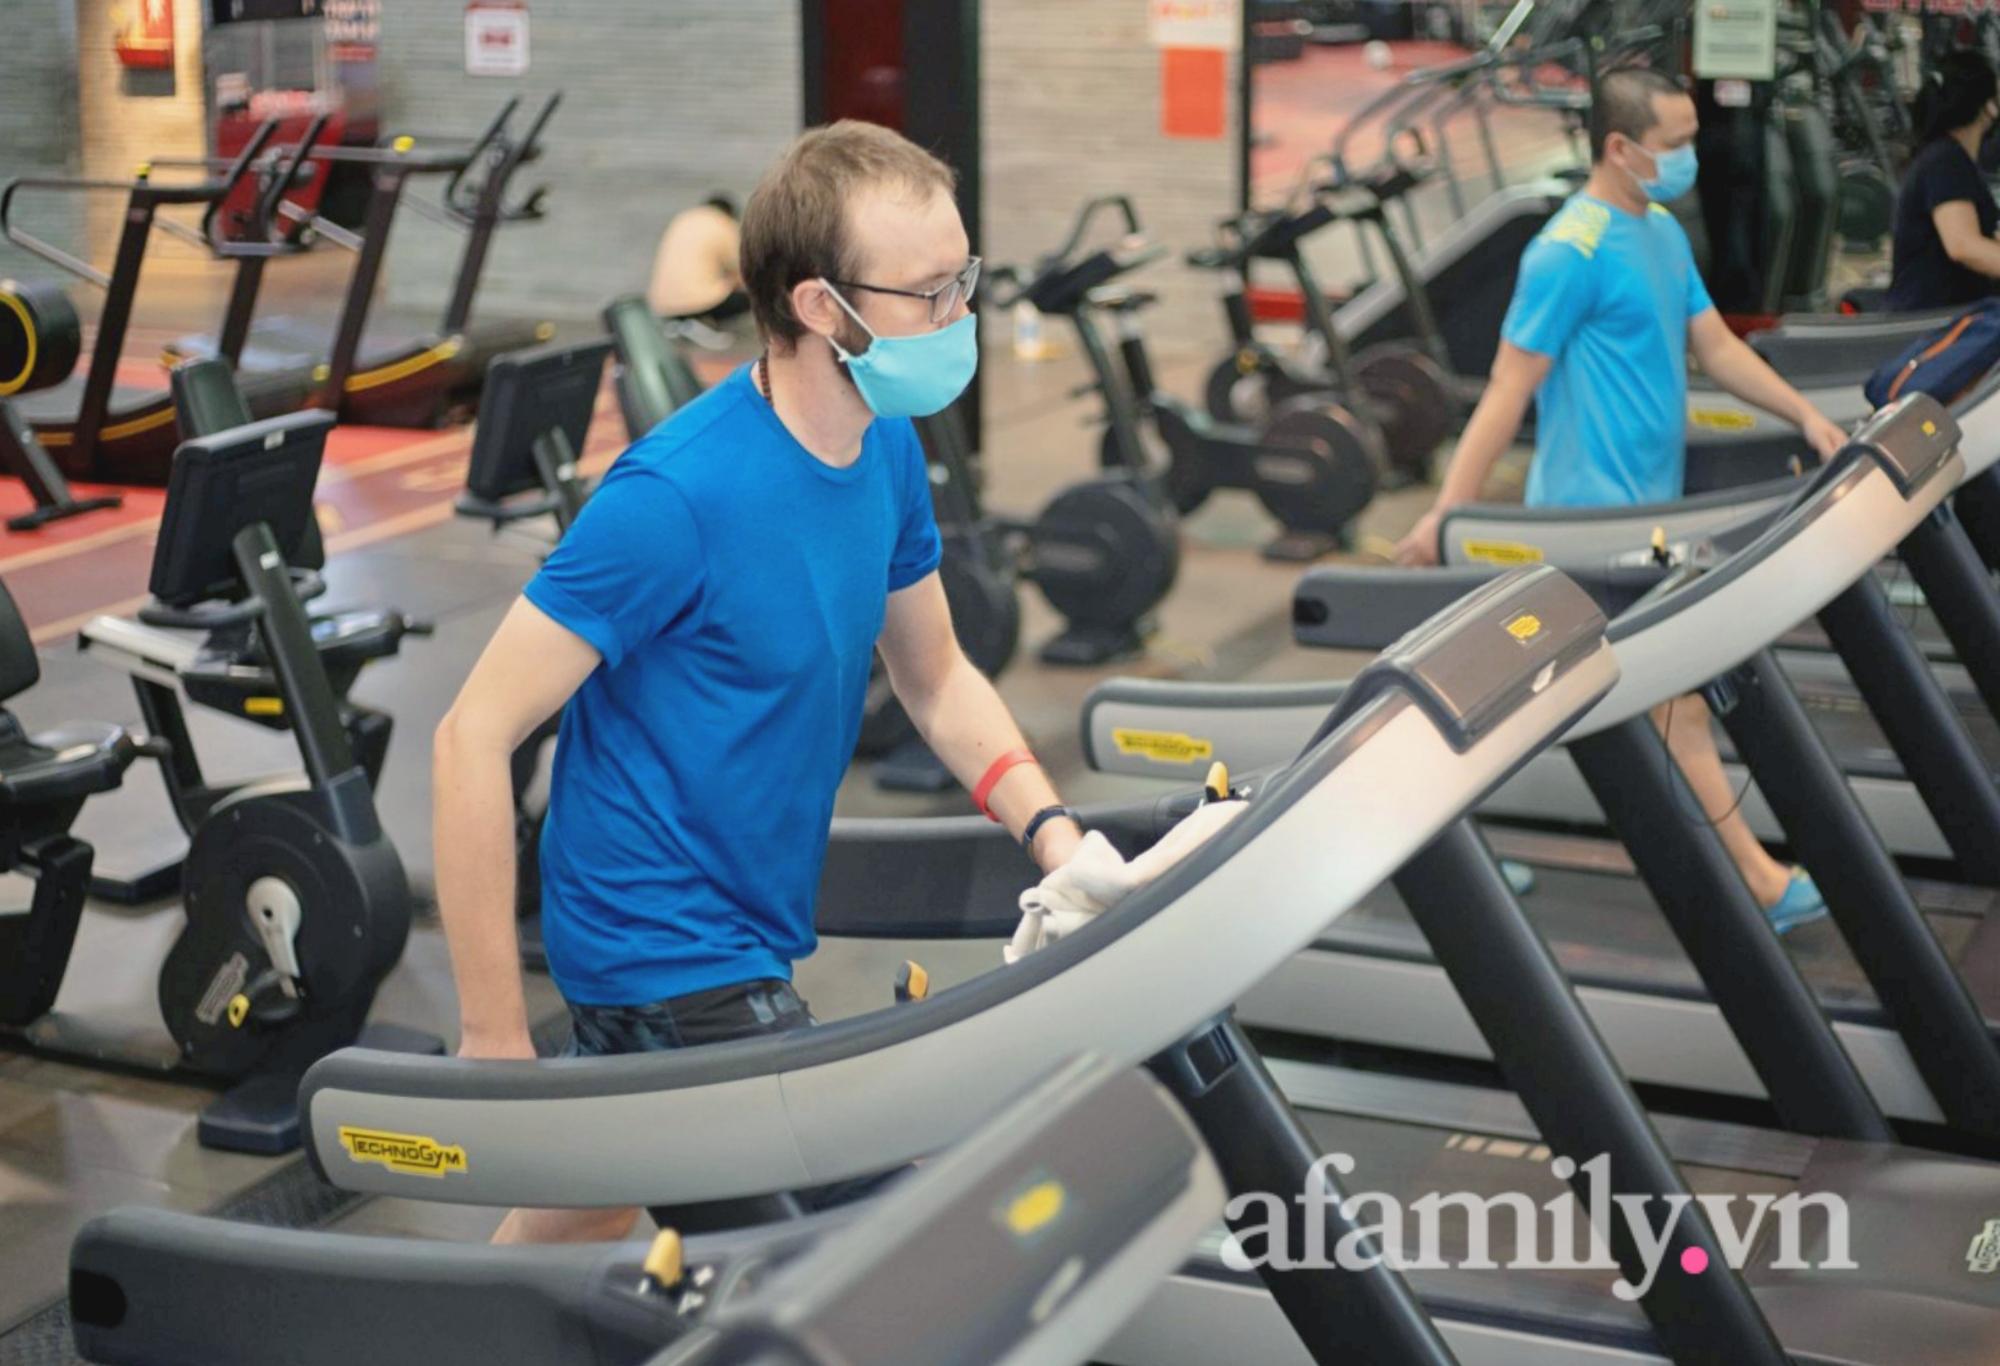 """Sau 4 tháng """"ngủ đông"""", phòng gym ở TP.HCM mở cửa, nhiều bạn trẻ vui như trẩy hội - Ảnh 1."""